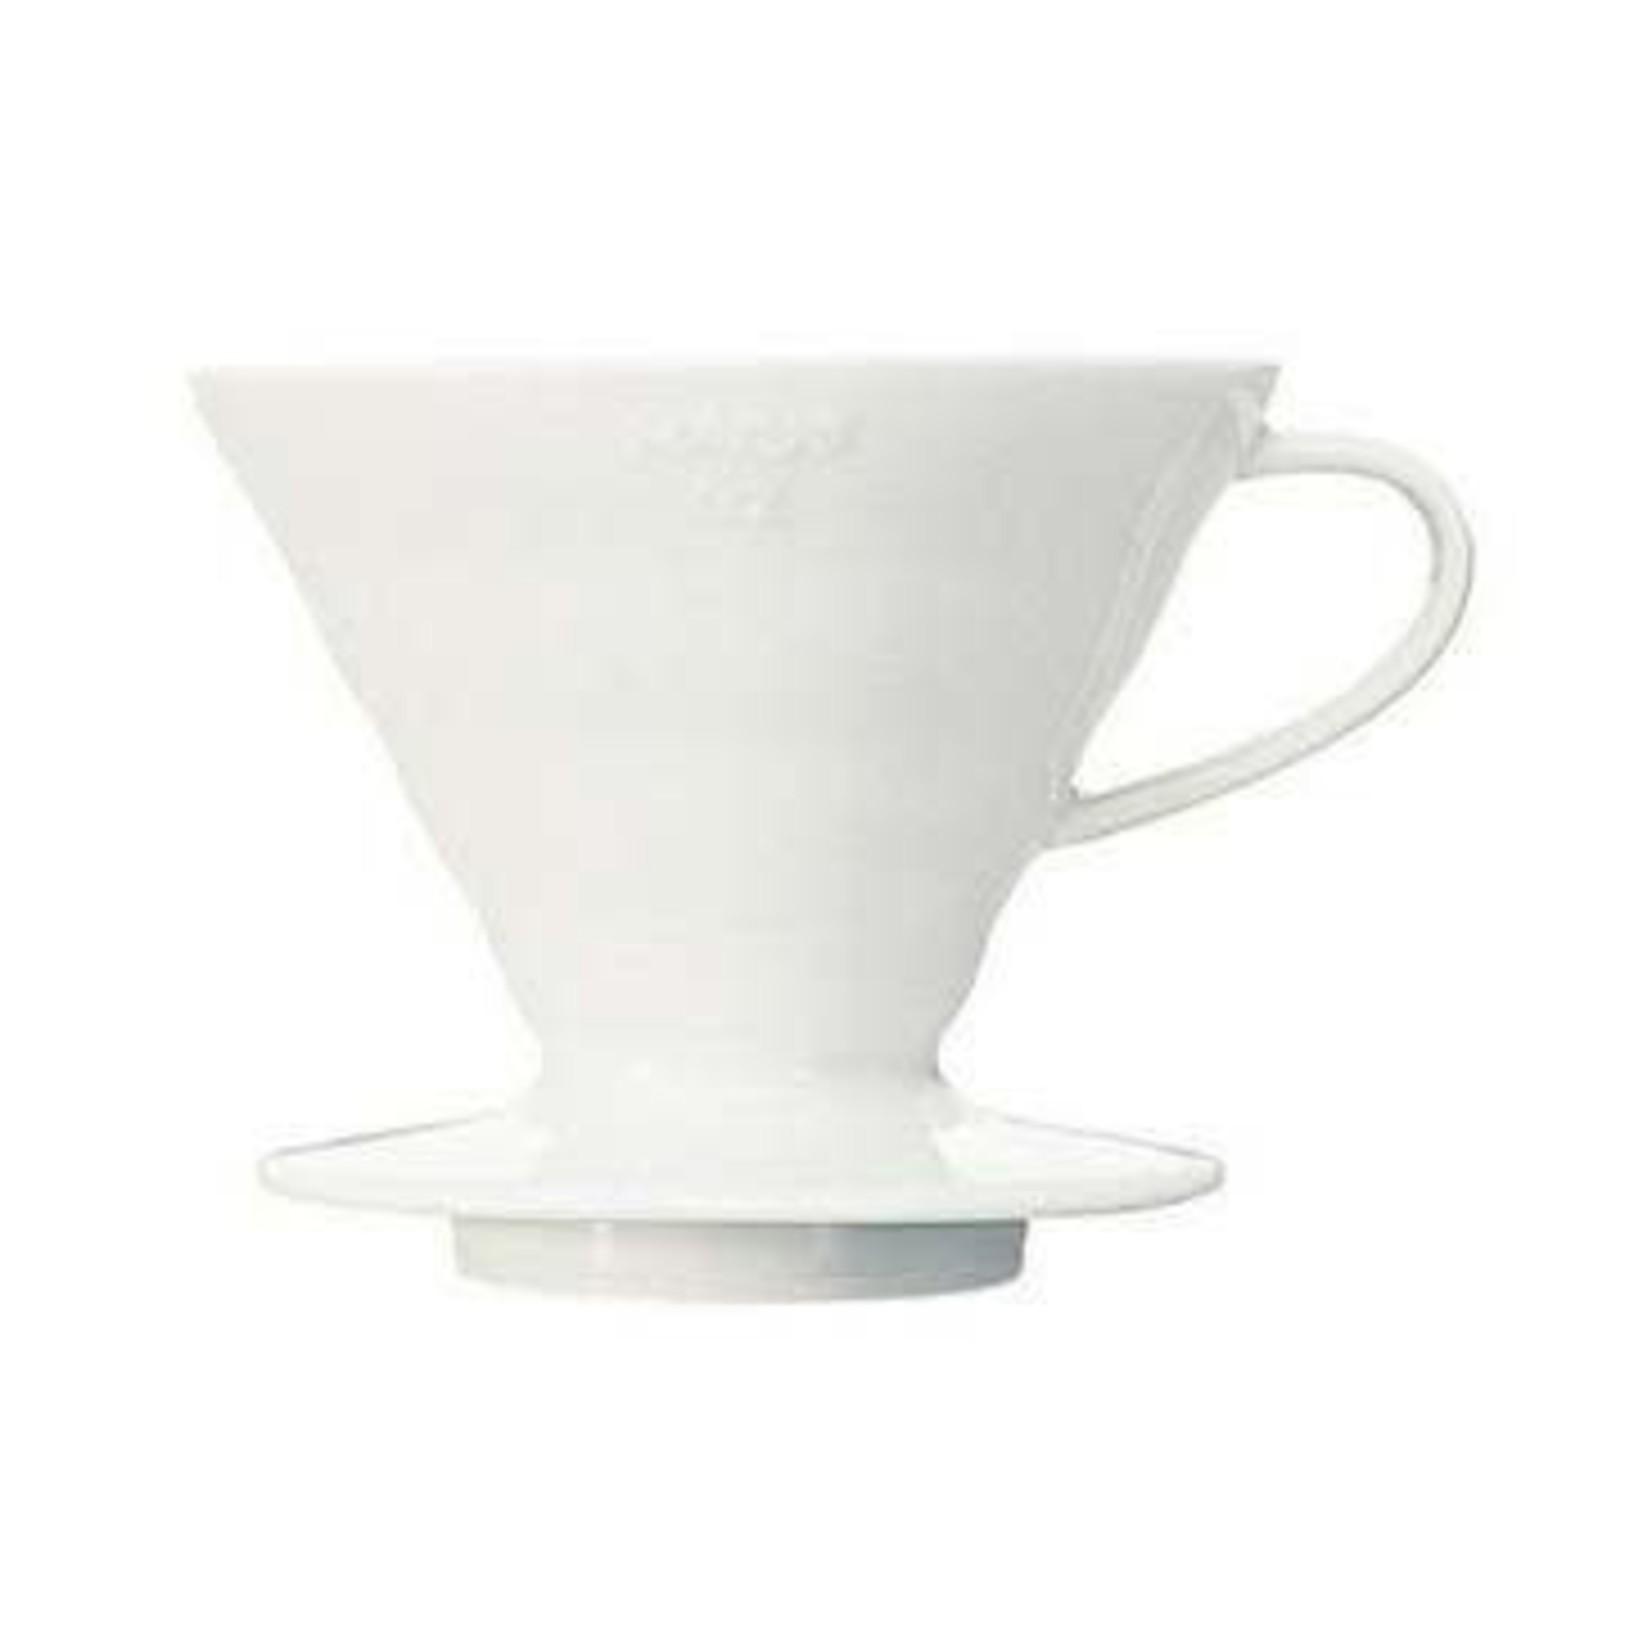 Hario Hario V60 Ceramic Dripper White 02